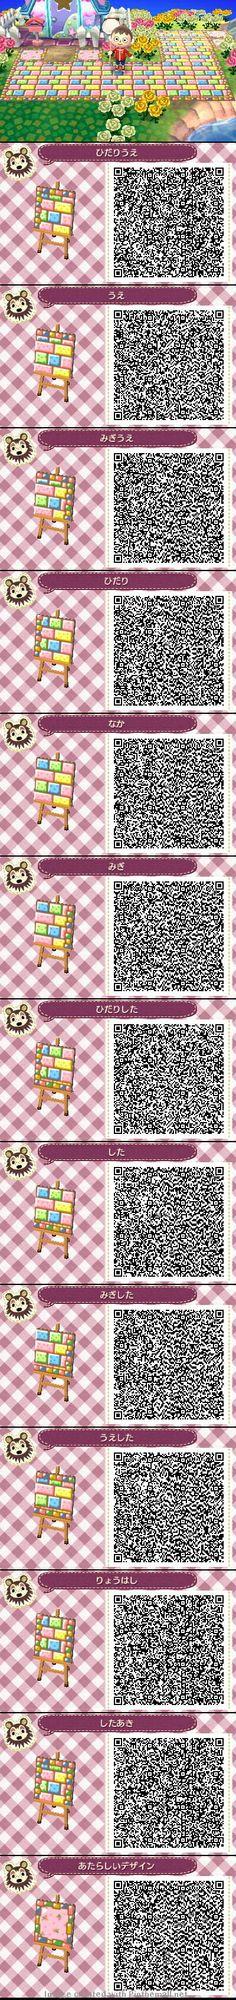 Animal Crossing New Leaf QR codes cute path